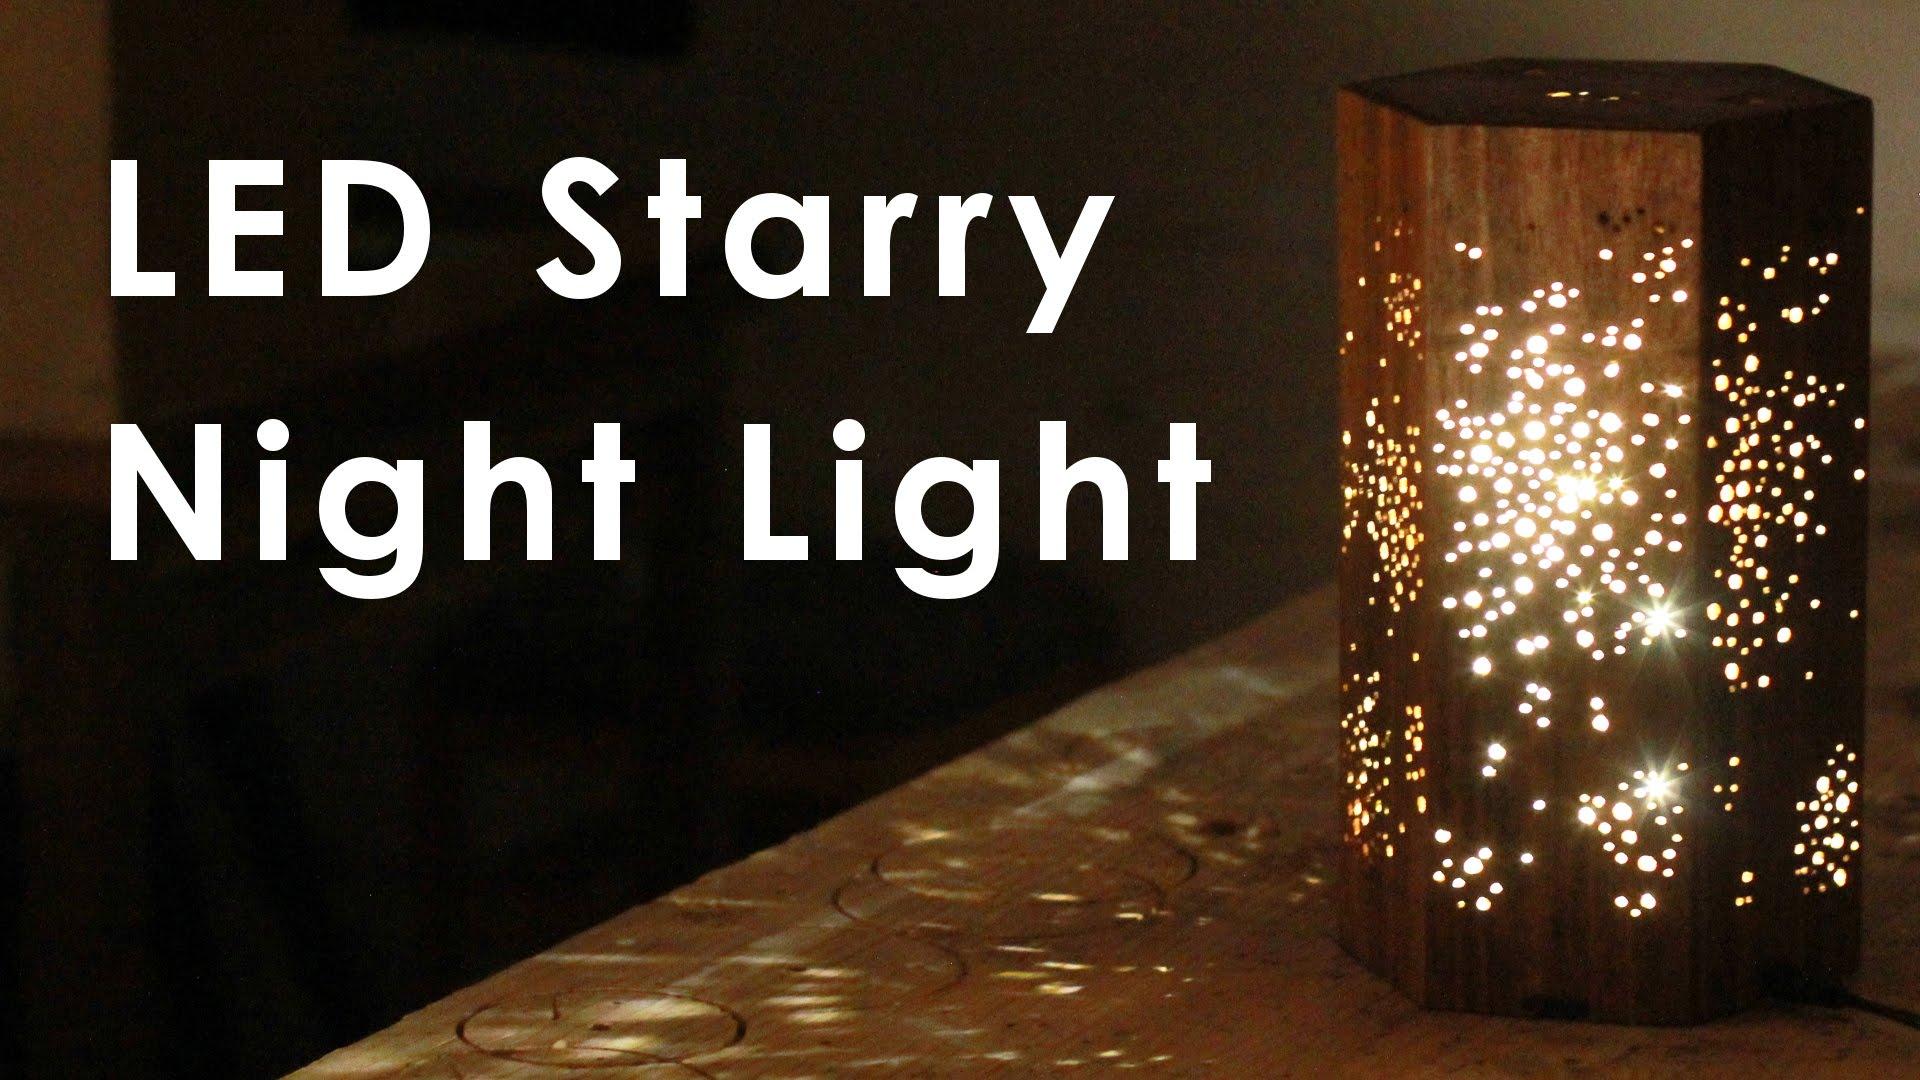 Starry Led Night Light  U00ab Adafruit Industries  U2013 Makers